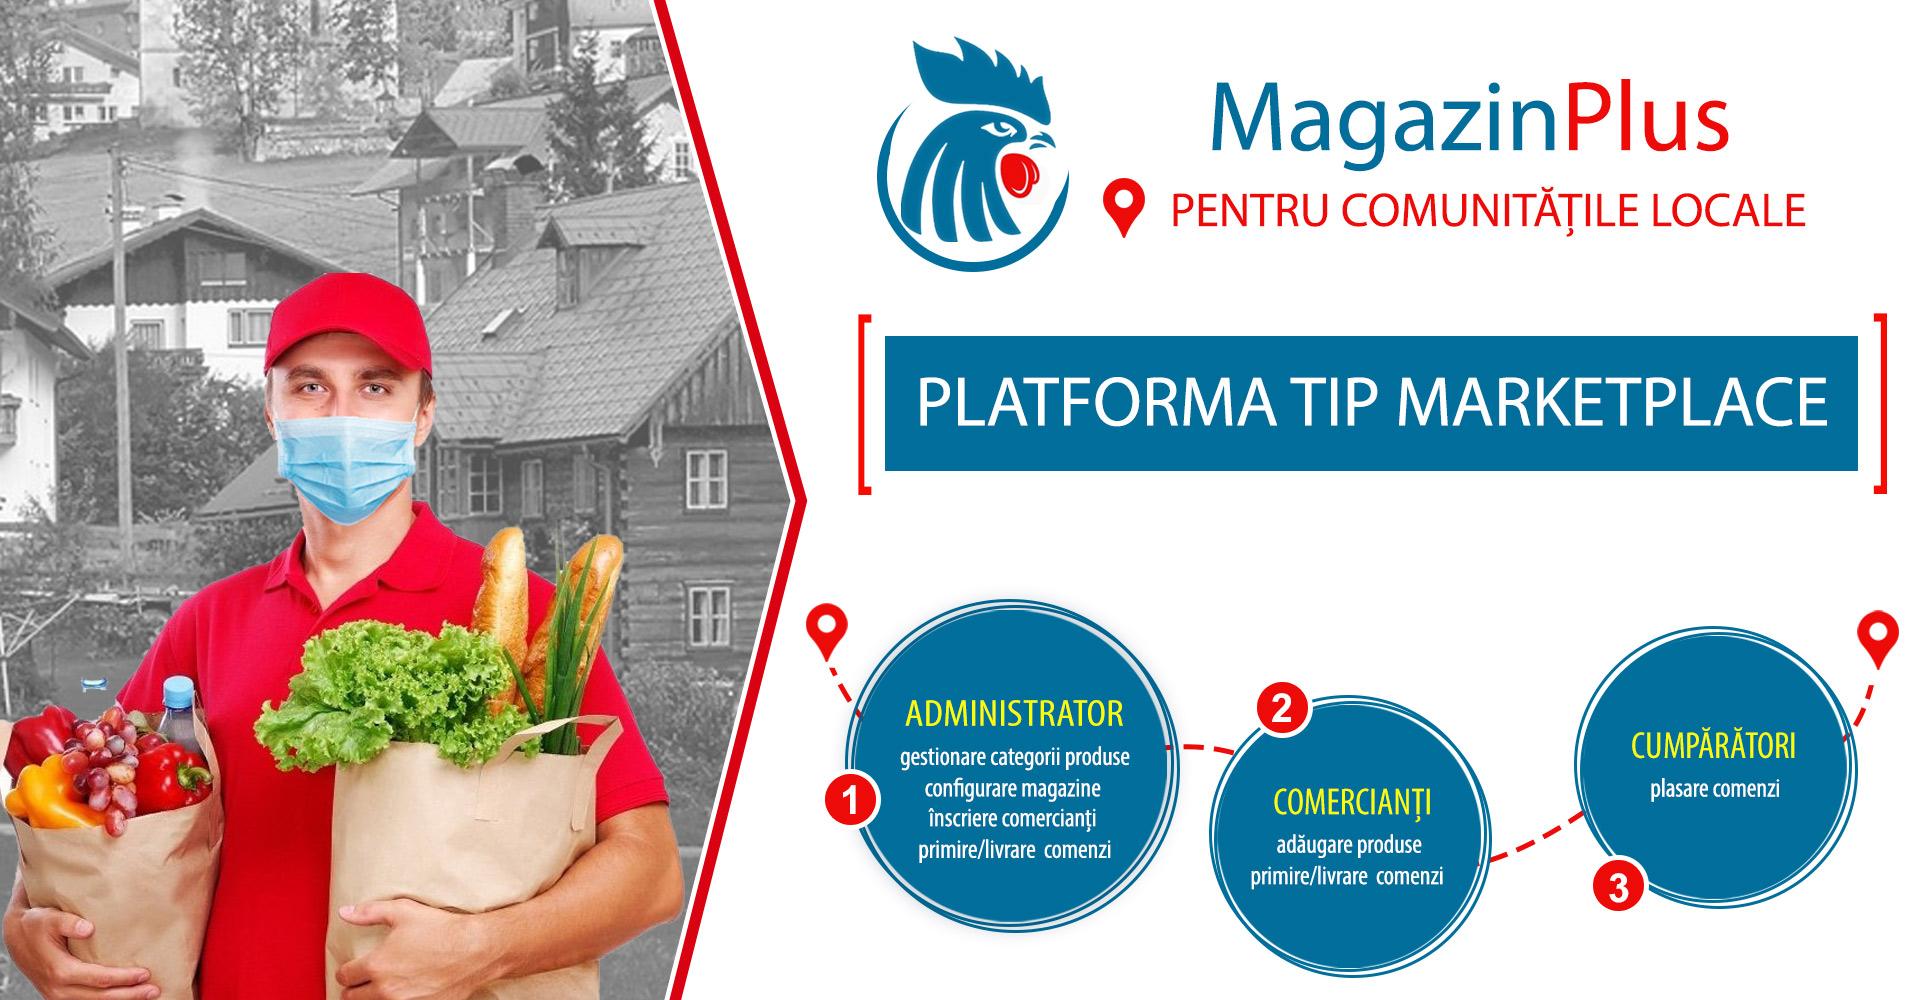 banner magazinplus platforma tip marketplace